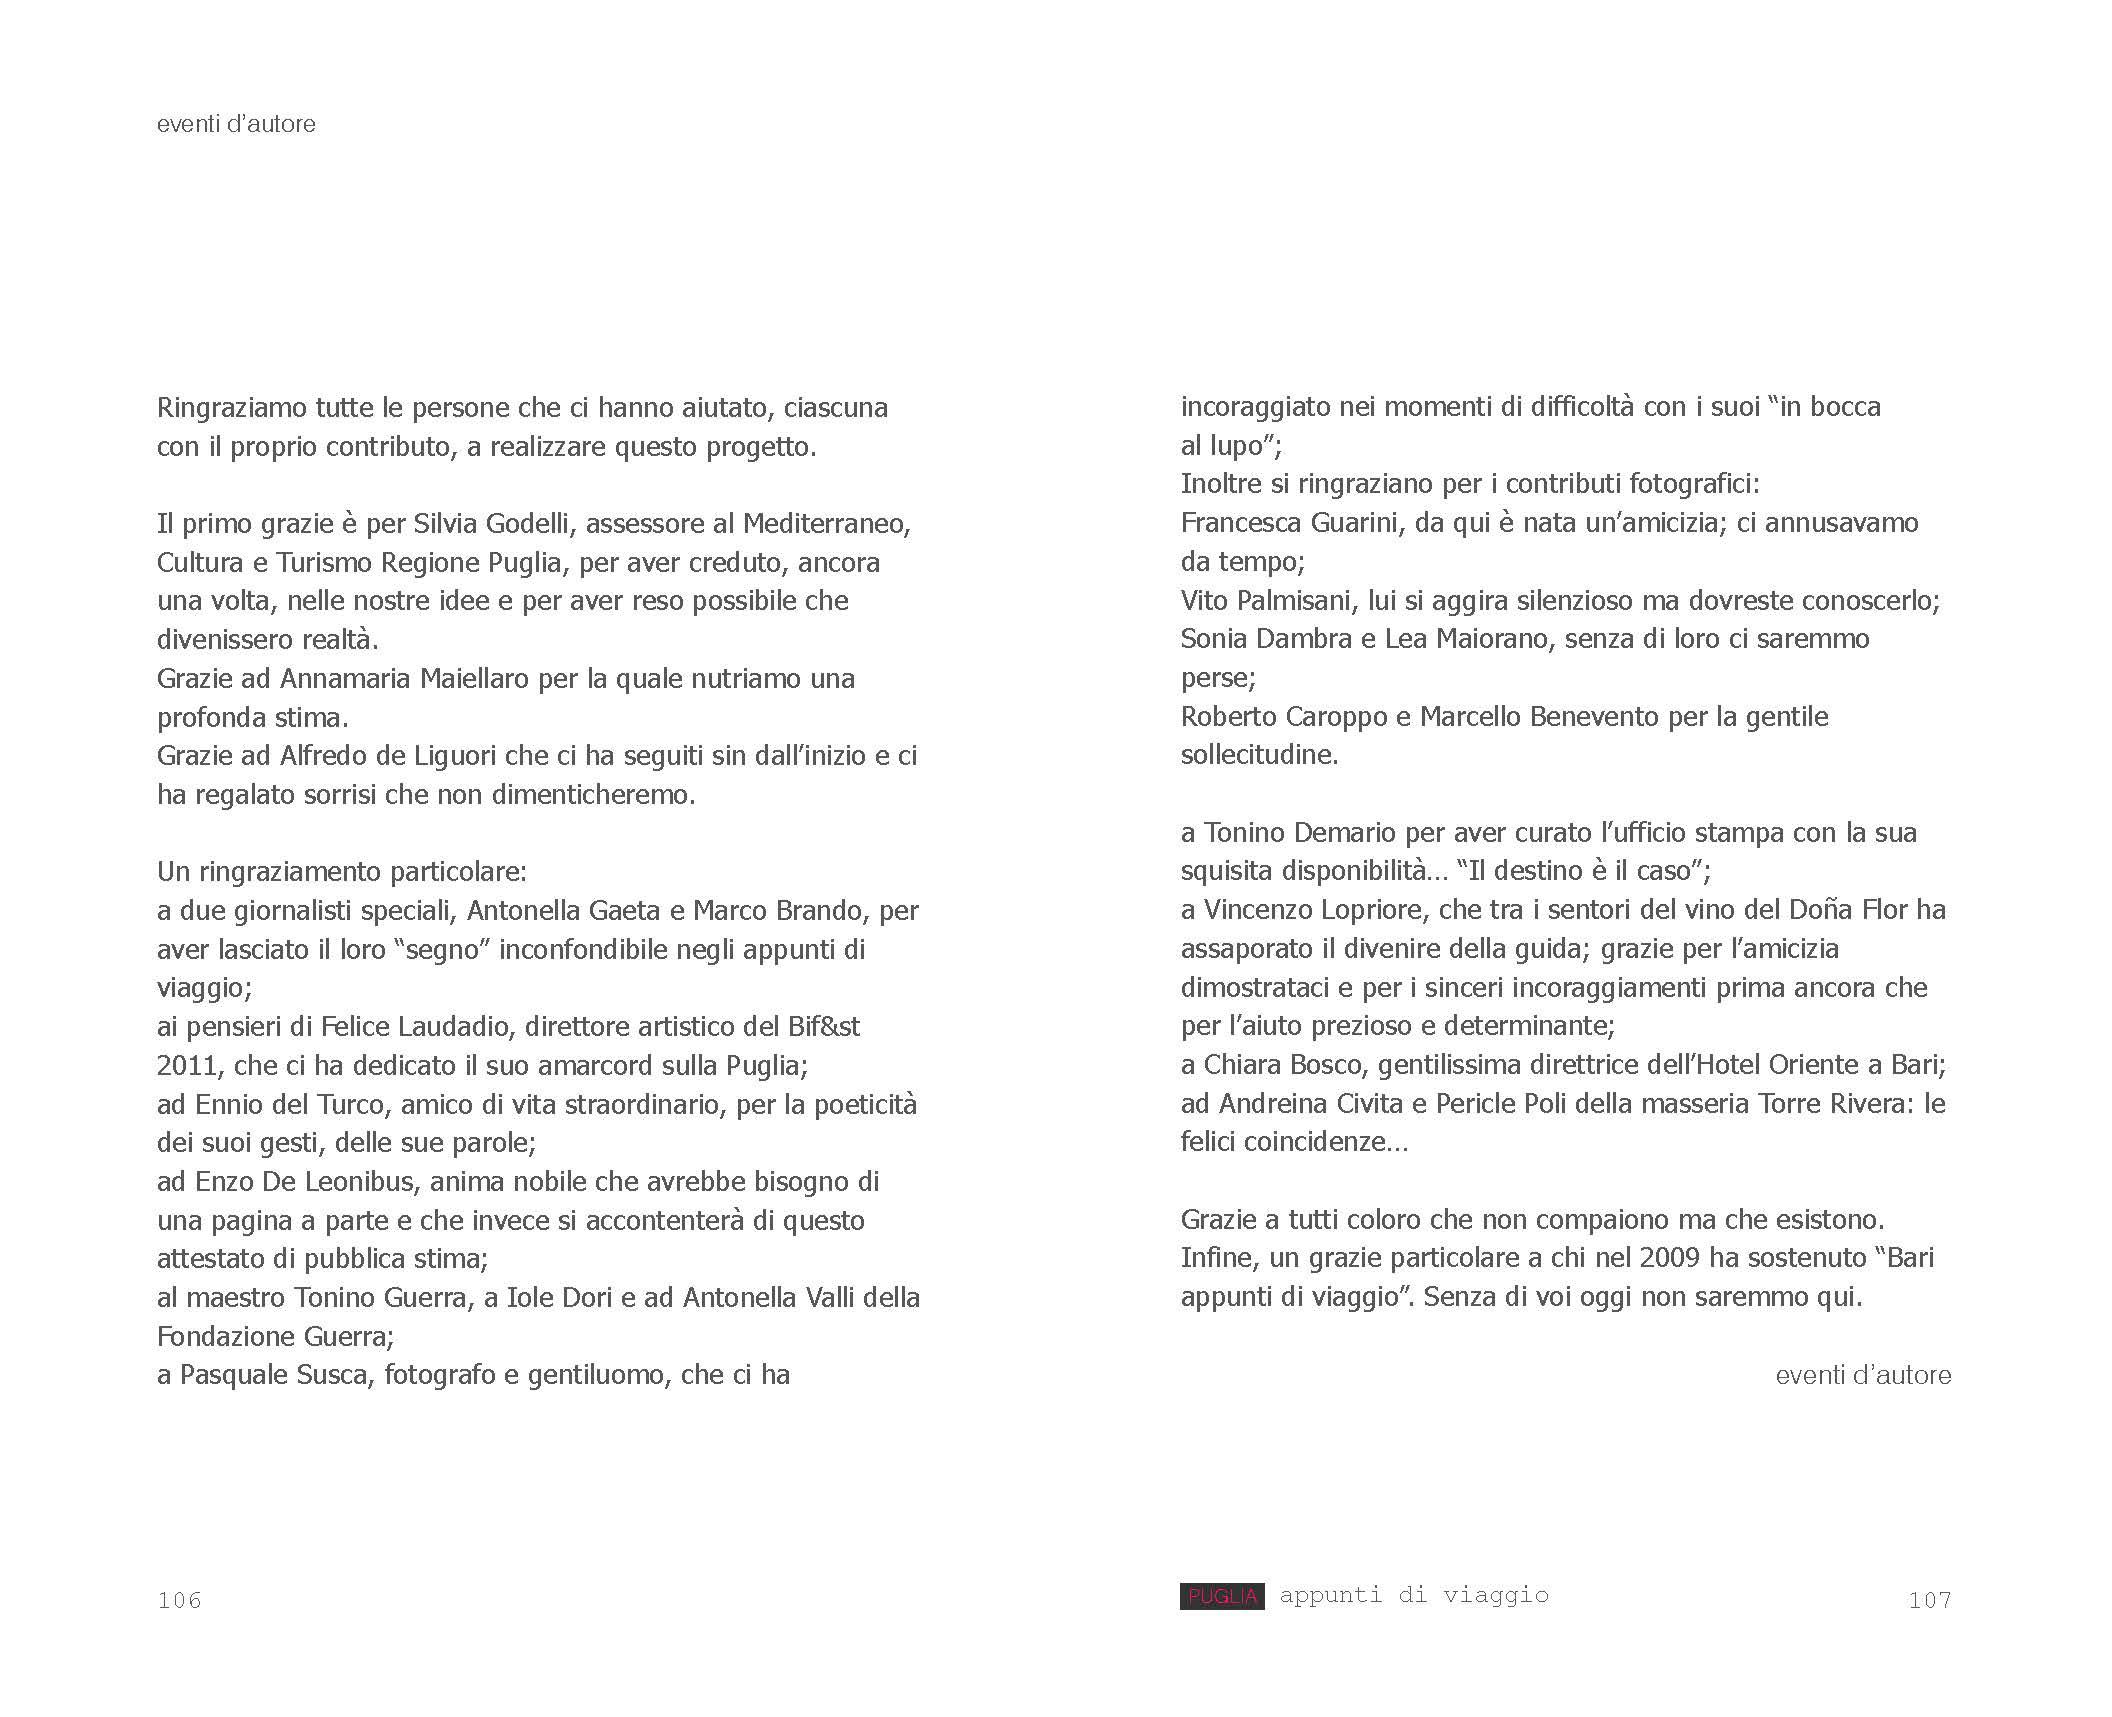 puglia_appunti_di_viaggio_Pagina_107.jpg